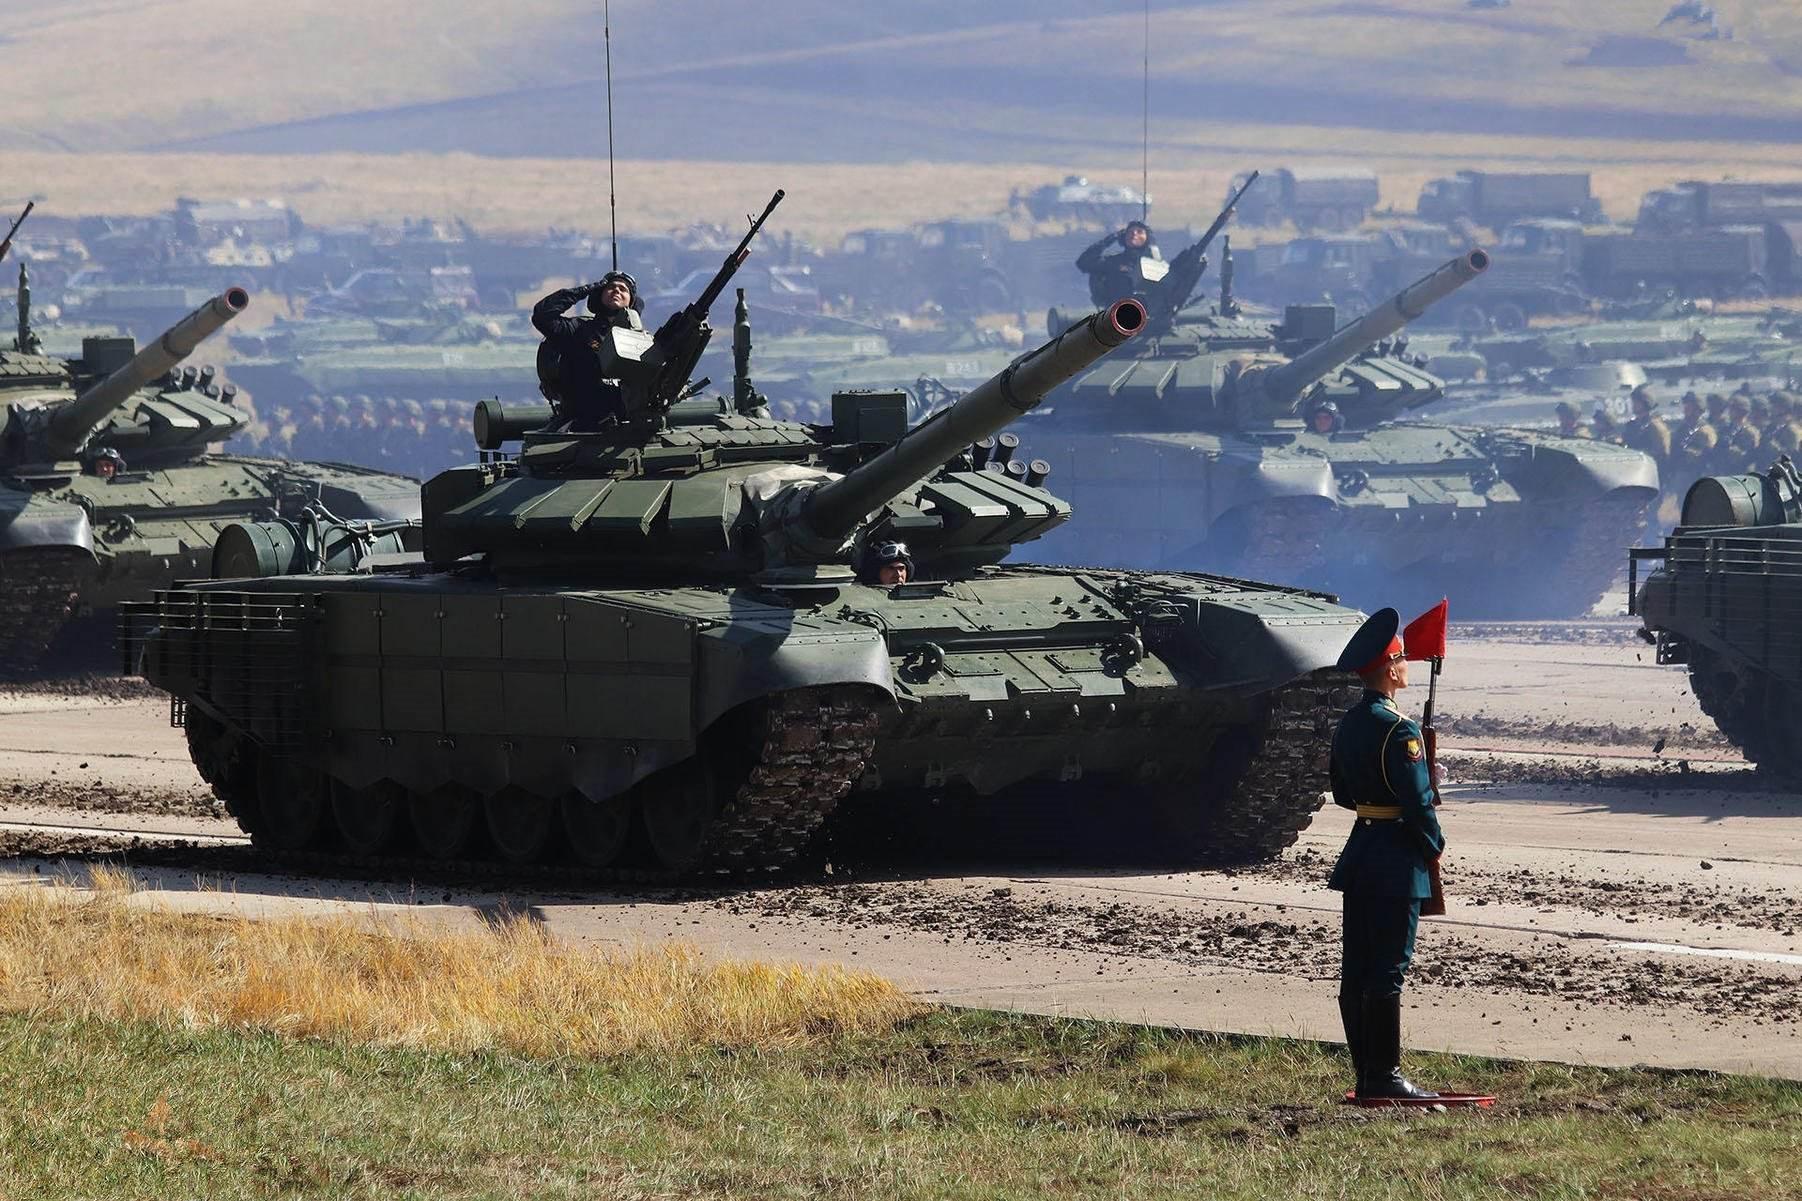 北约缴获30辆俄军坦克,伊朗重要